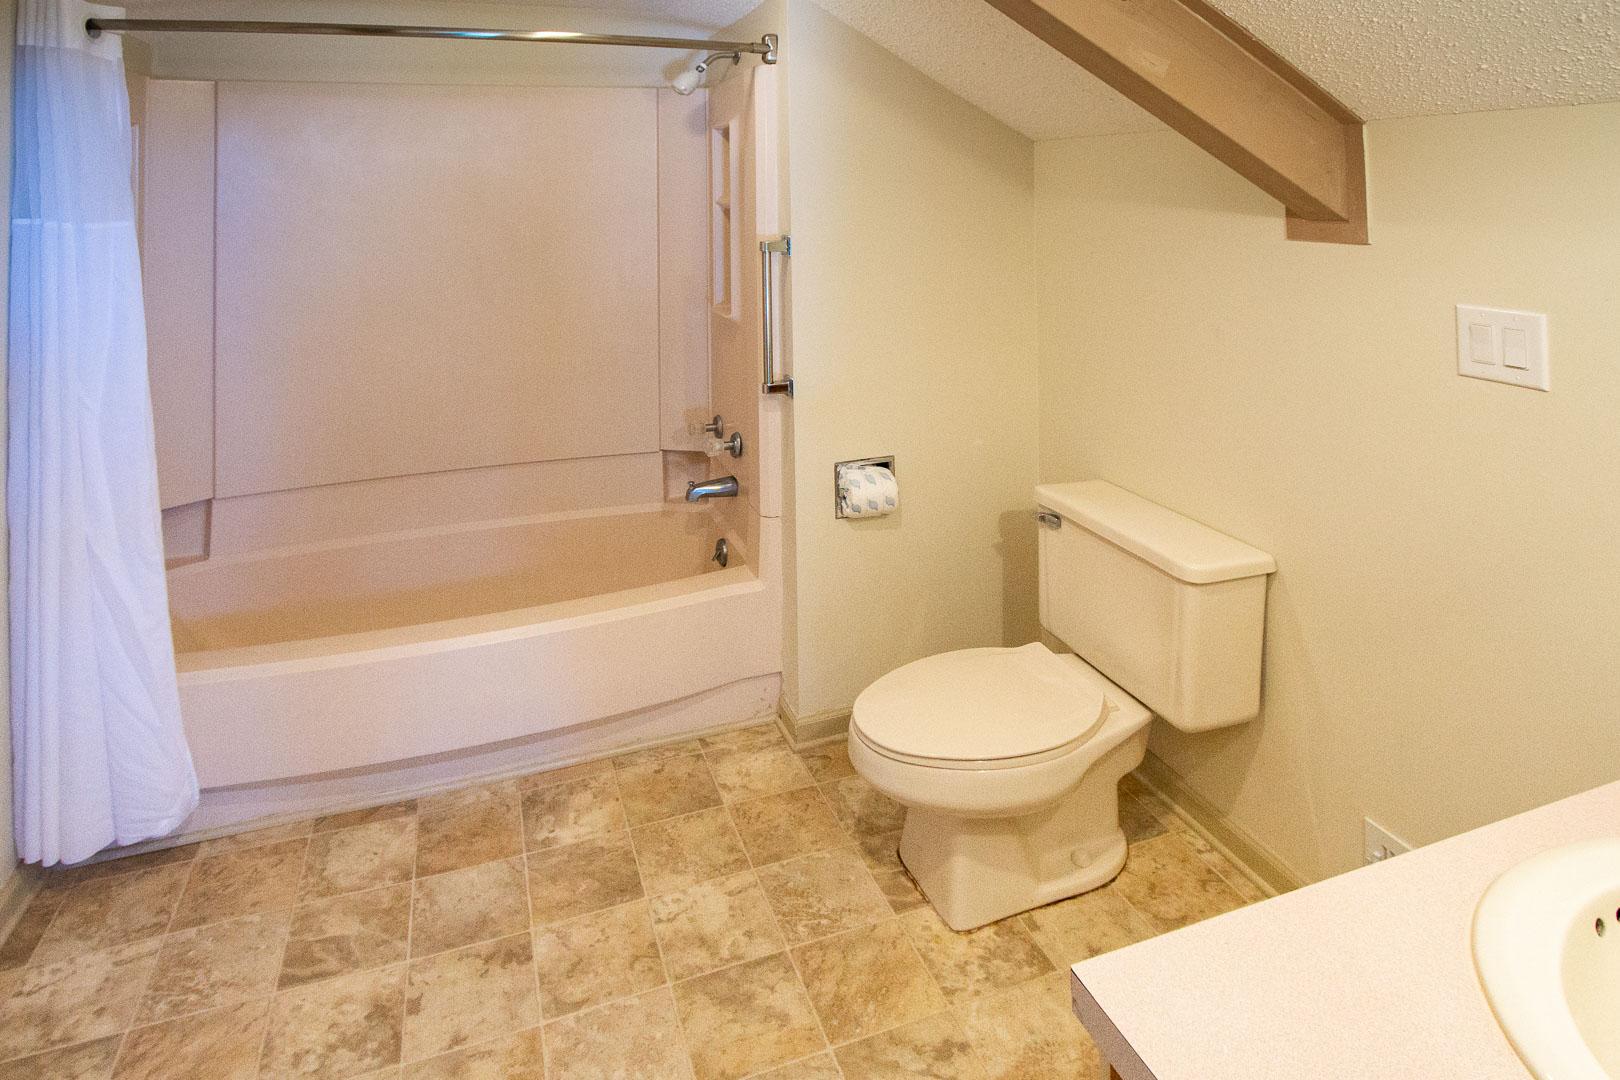 A clean bathroom at VRI's Sandcastle Cove in New Bern, North Carolina.